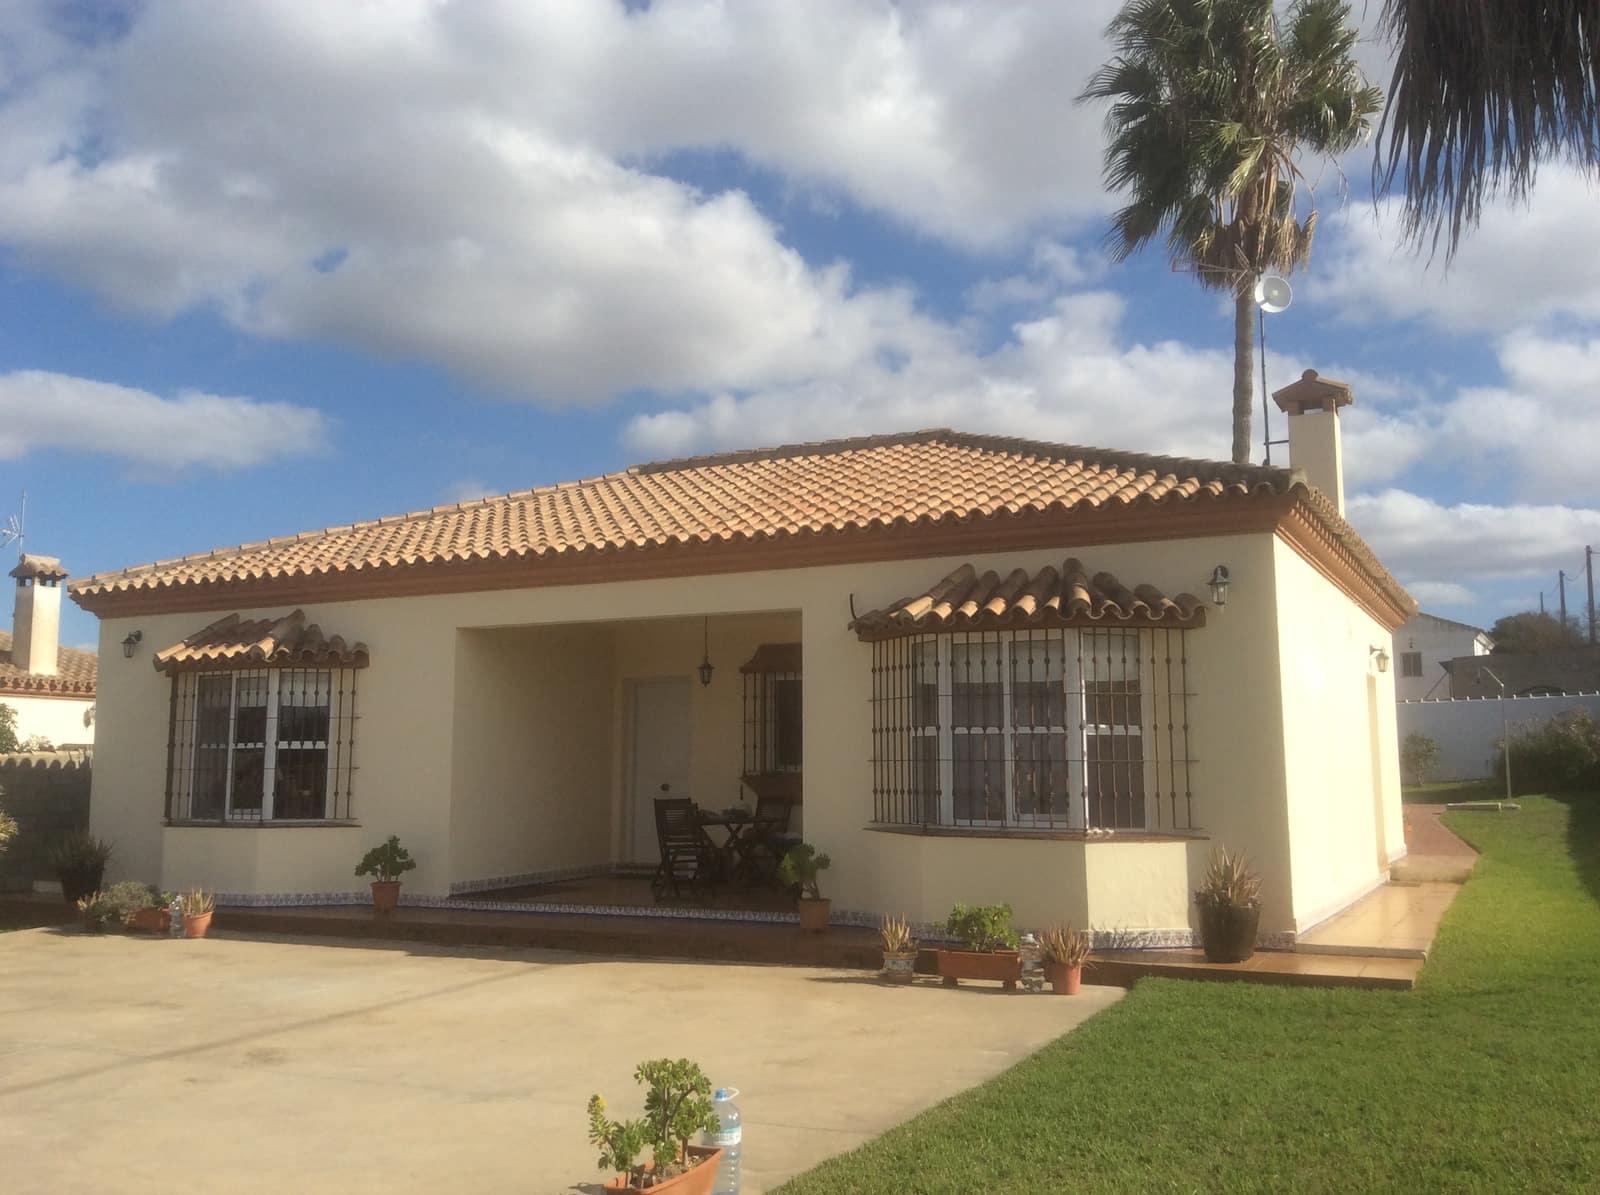 3 chambre Bungalow à vendre à Chiclana de la Frontera - 240 000 € (Ref: 5731125)